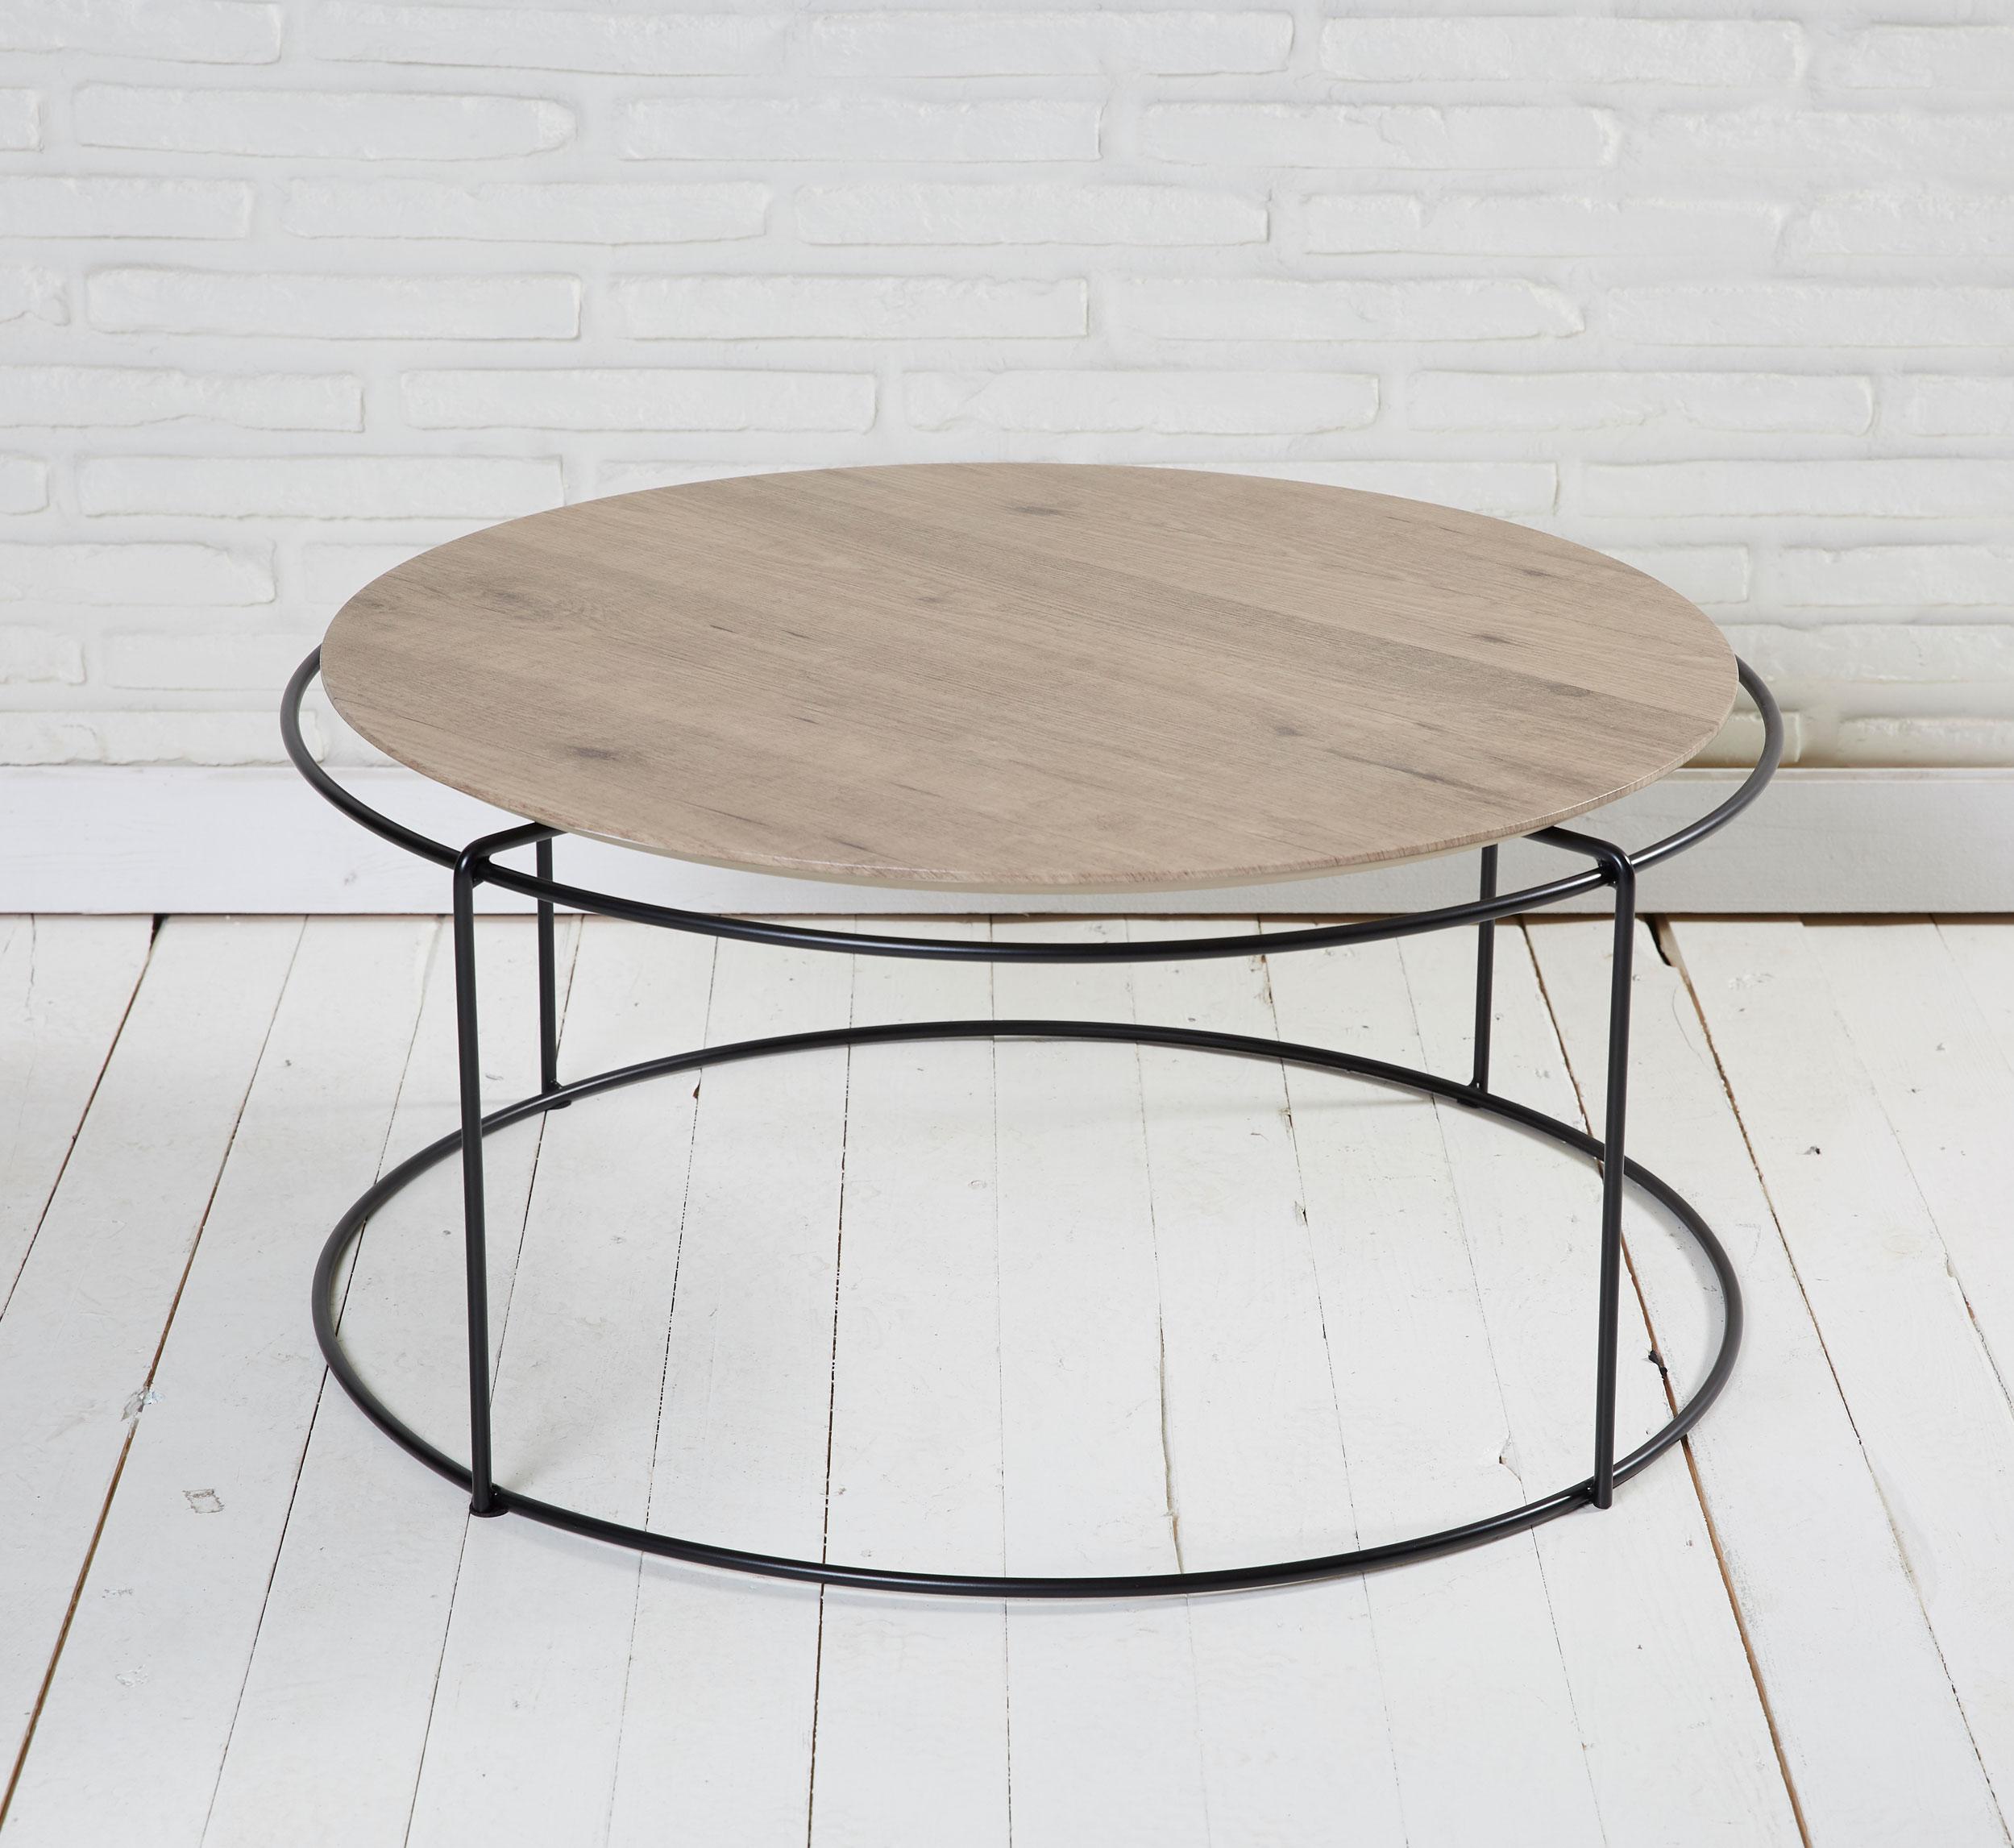 couchtisch rund metall beistelltisch natur 80x38cm ebay. Black Bedroom Furniture Sets. Home Design Ideas